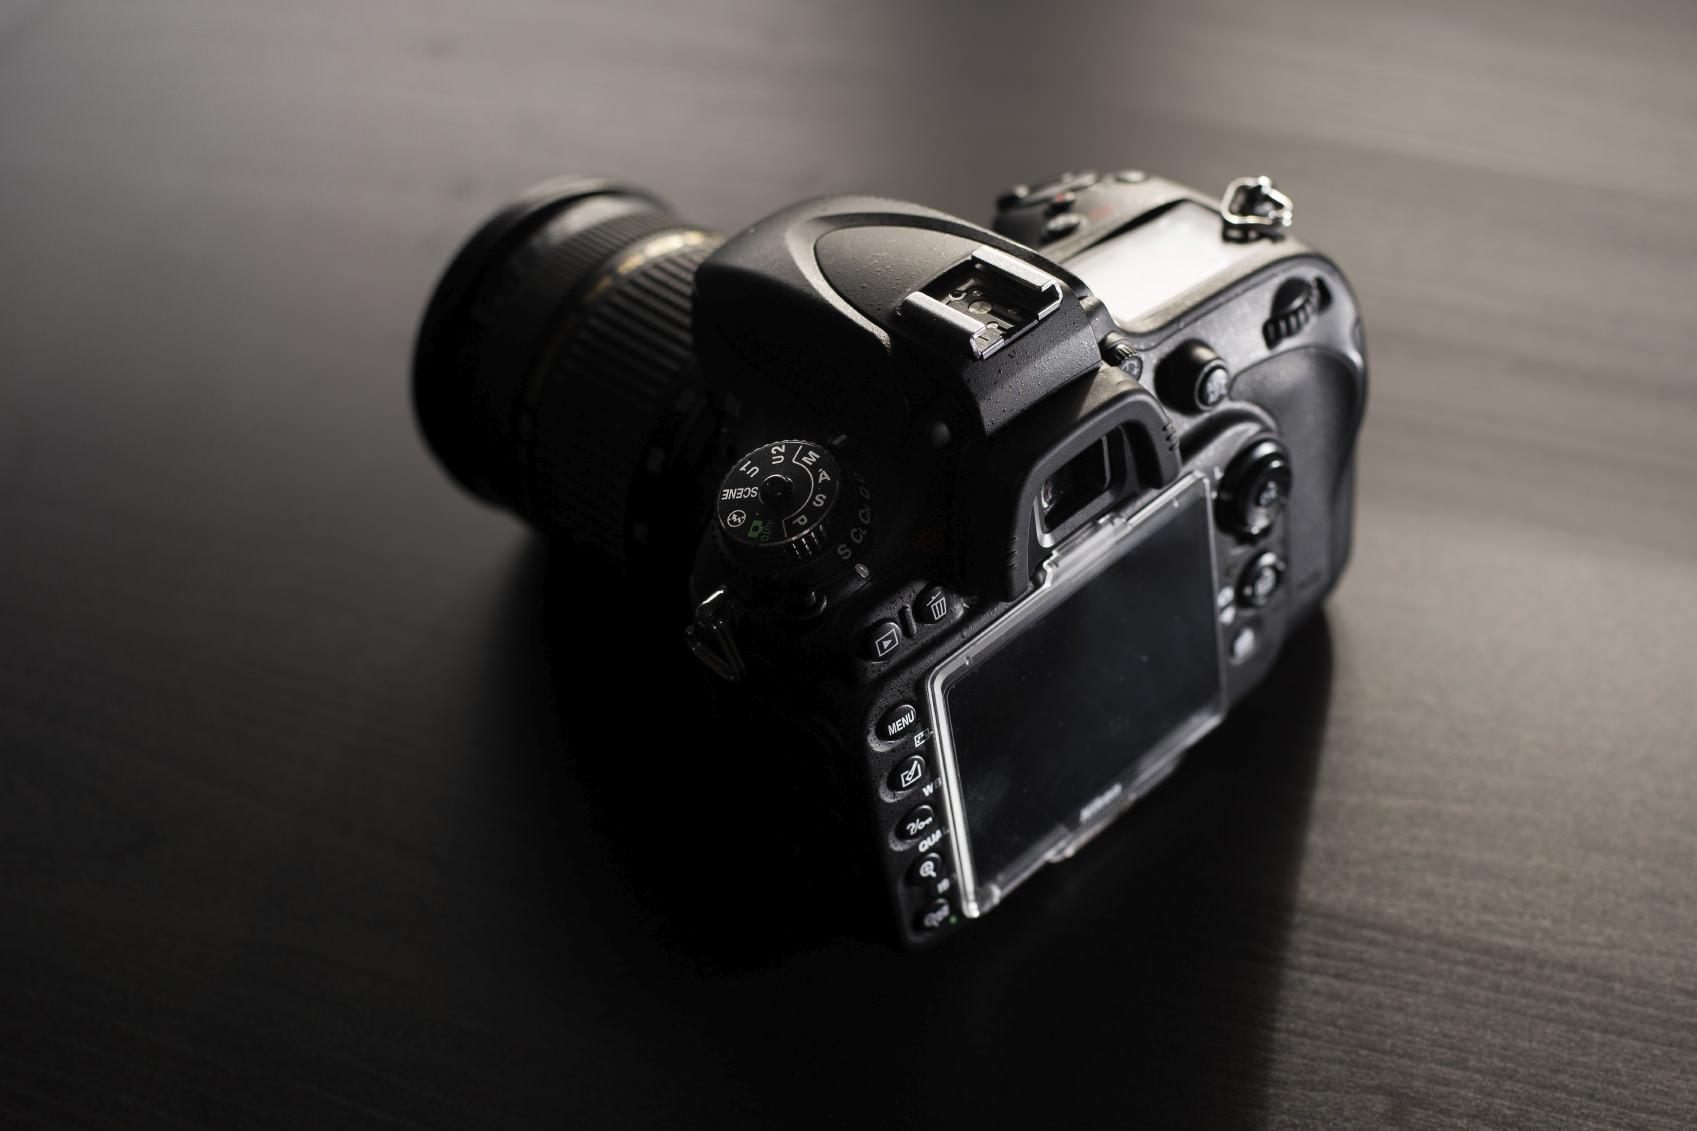 3 modi in cui una nuova fotocamera può influire negativamente sulla tua fotografia